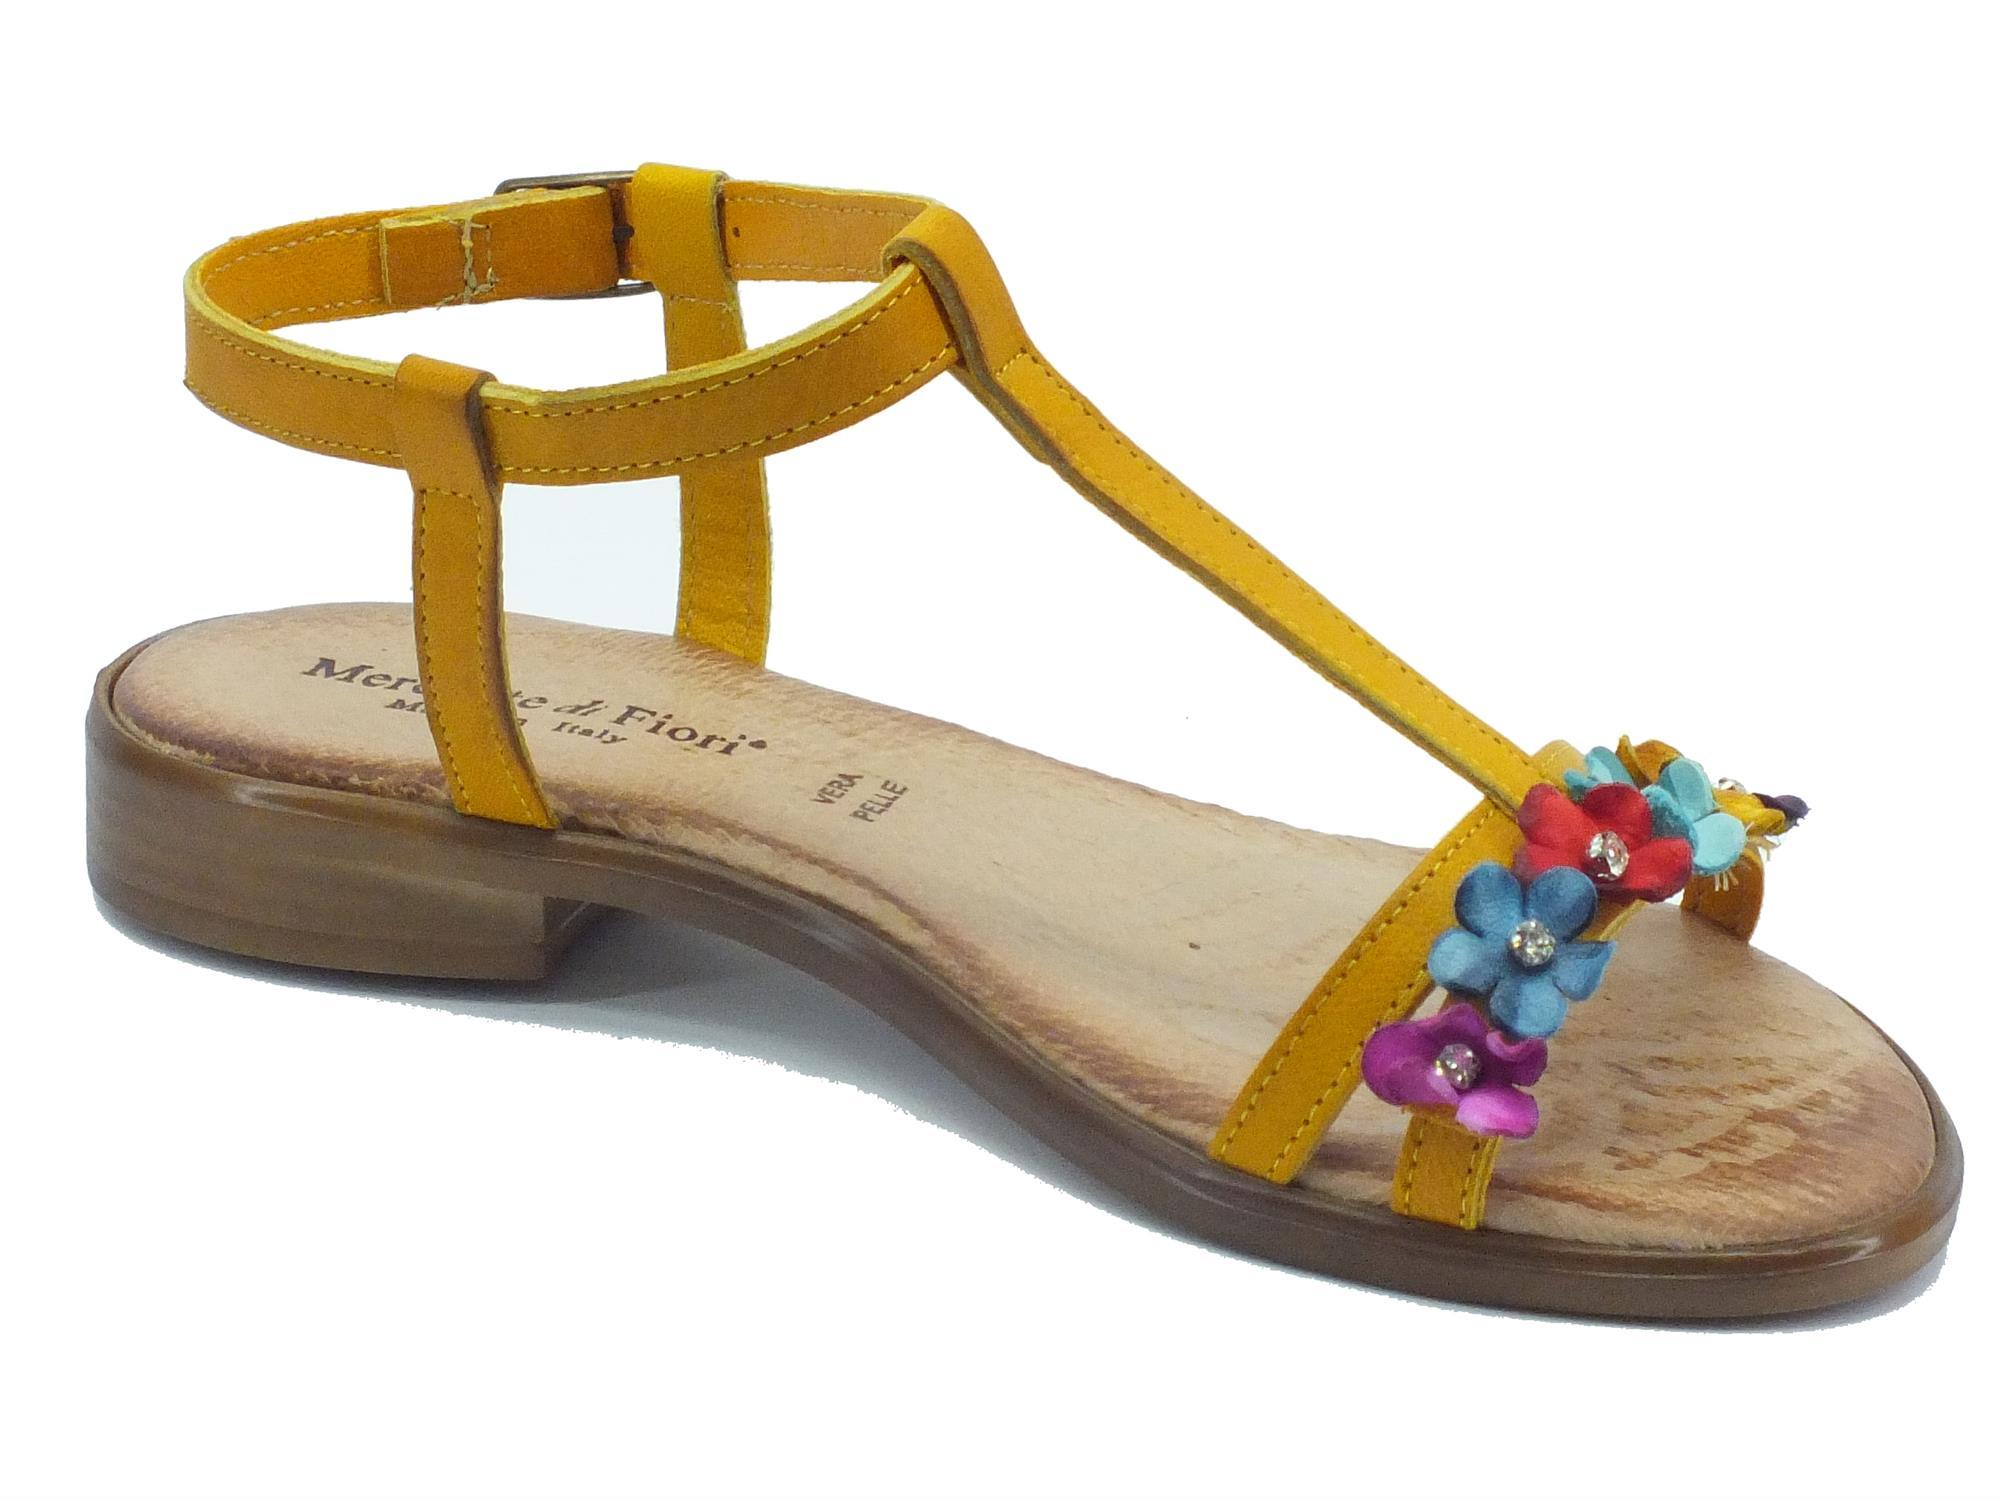 Sandali Mercante di Fiori pelle ocra fiori multicolore - Vitiello ... f18f495013e